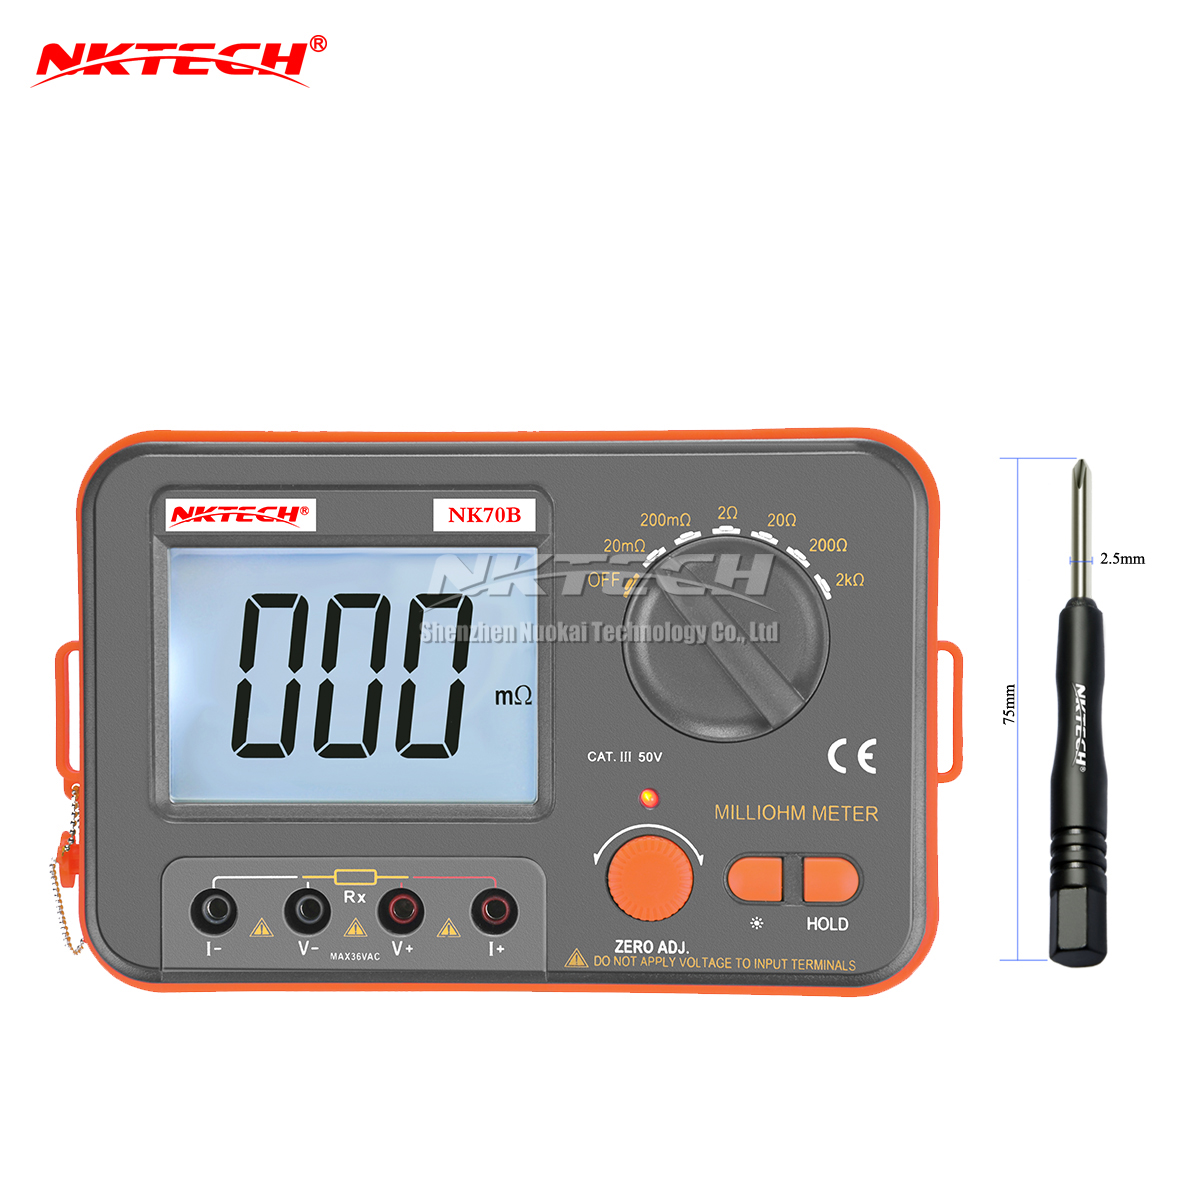 NKTECH NK70B 4 Wire Digital Metro Baixa Resistência Milliohm Tester Versão de Atualização de Diagnóstico-ferramenta Multímetro Ohmímetro Backlight